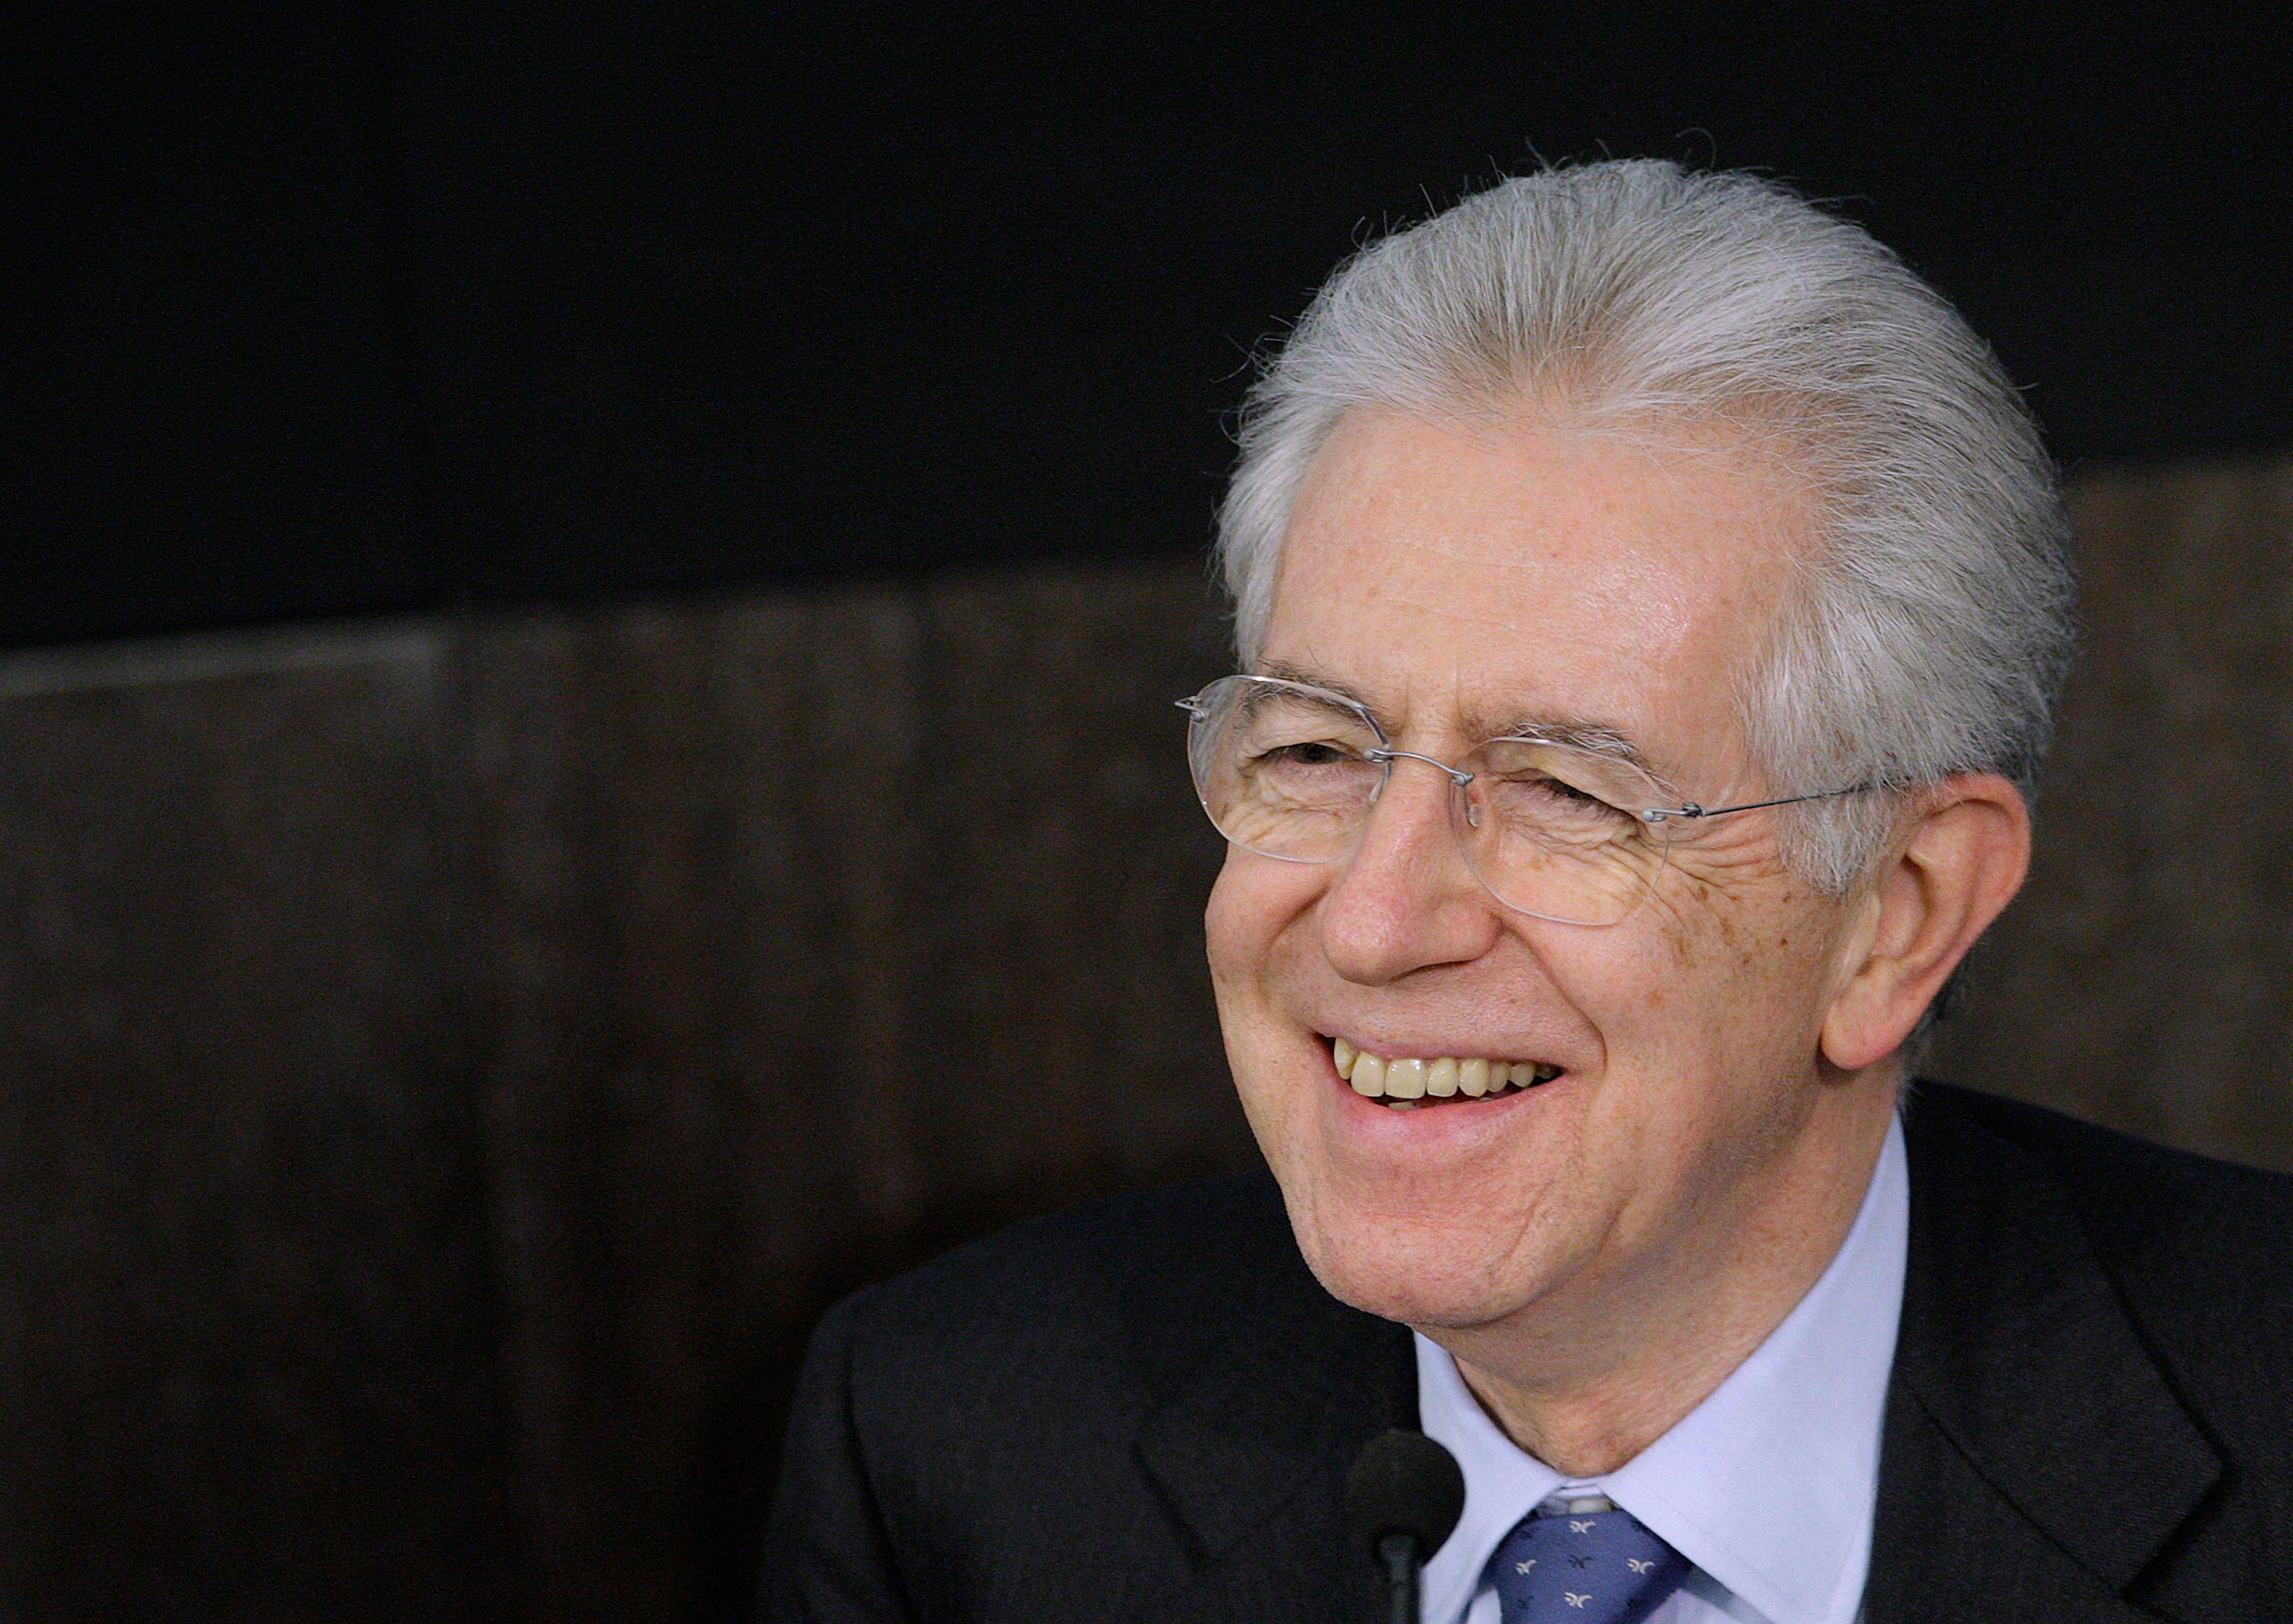 Mario Monti réussira à faire passer ses réformes. Cela ne signifie pas qu'elles produiront les effets escomptés, mais elles entreront dans la vie des Italiens.